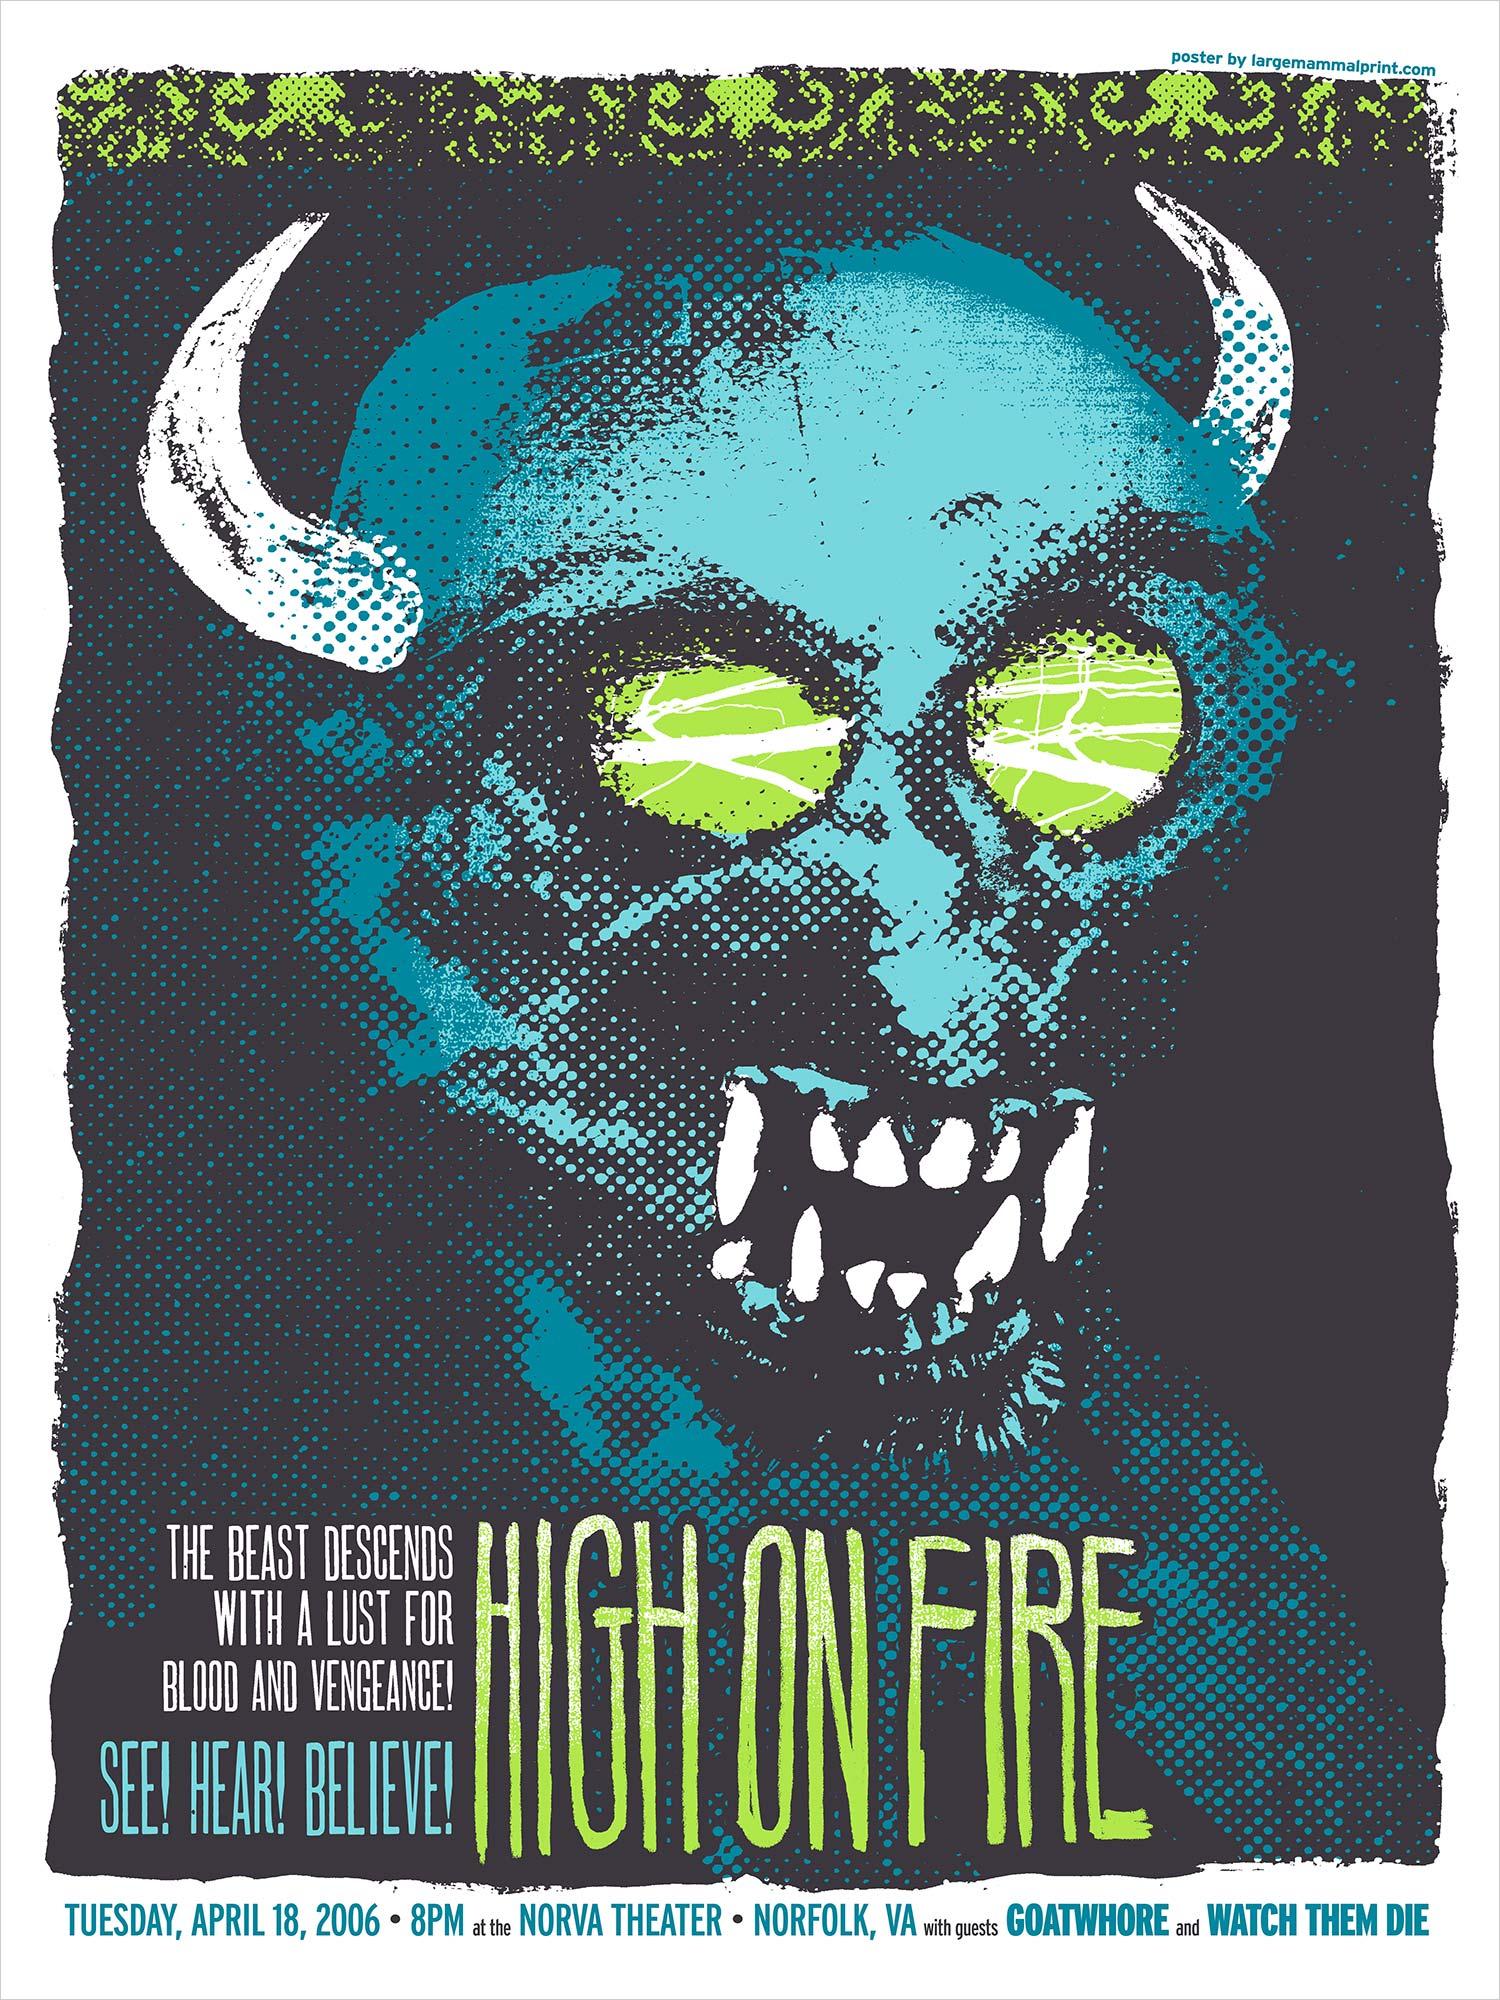 HighOnFire_1500.jpg